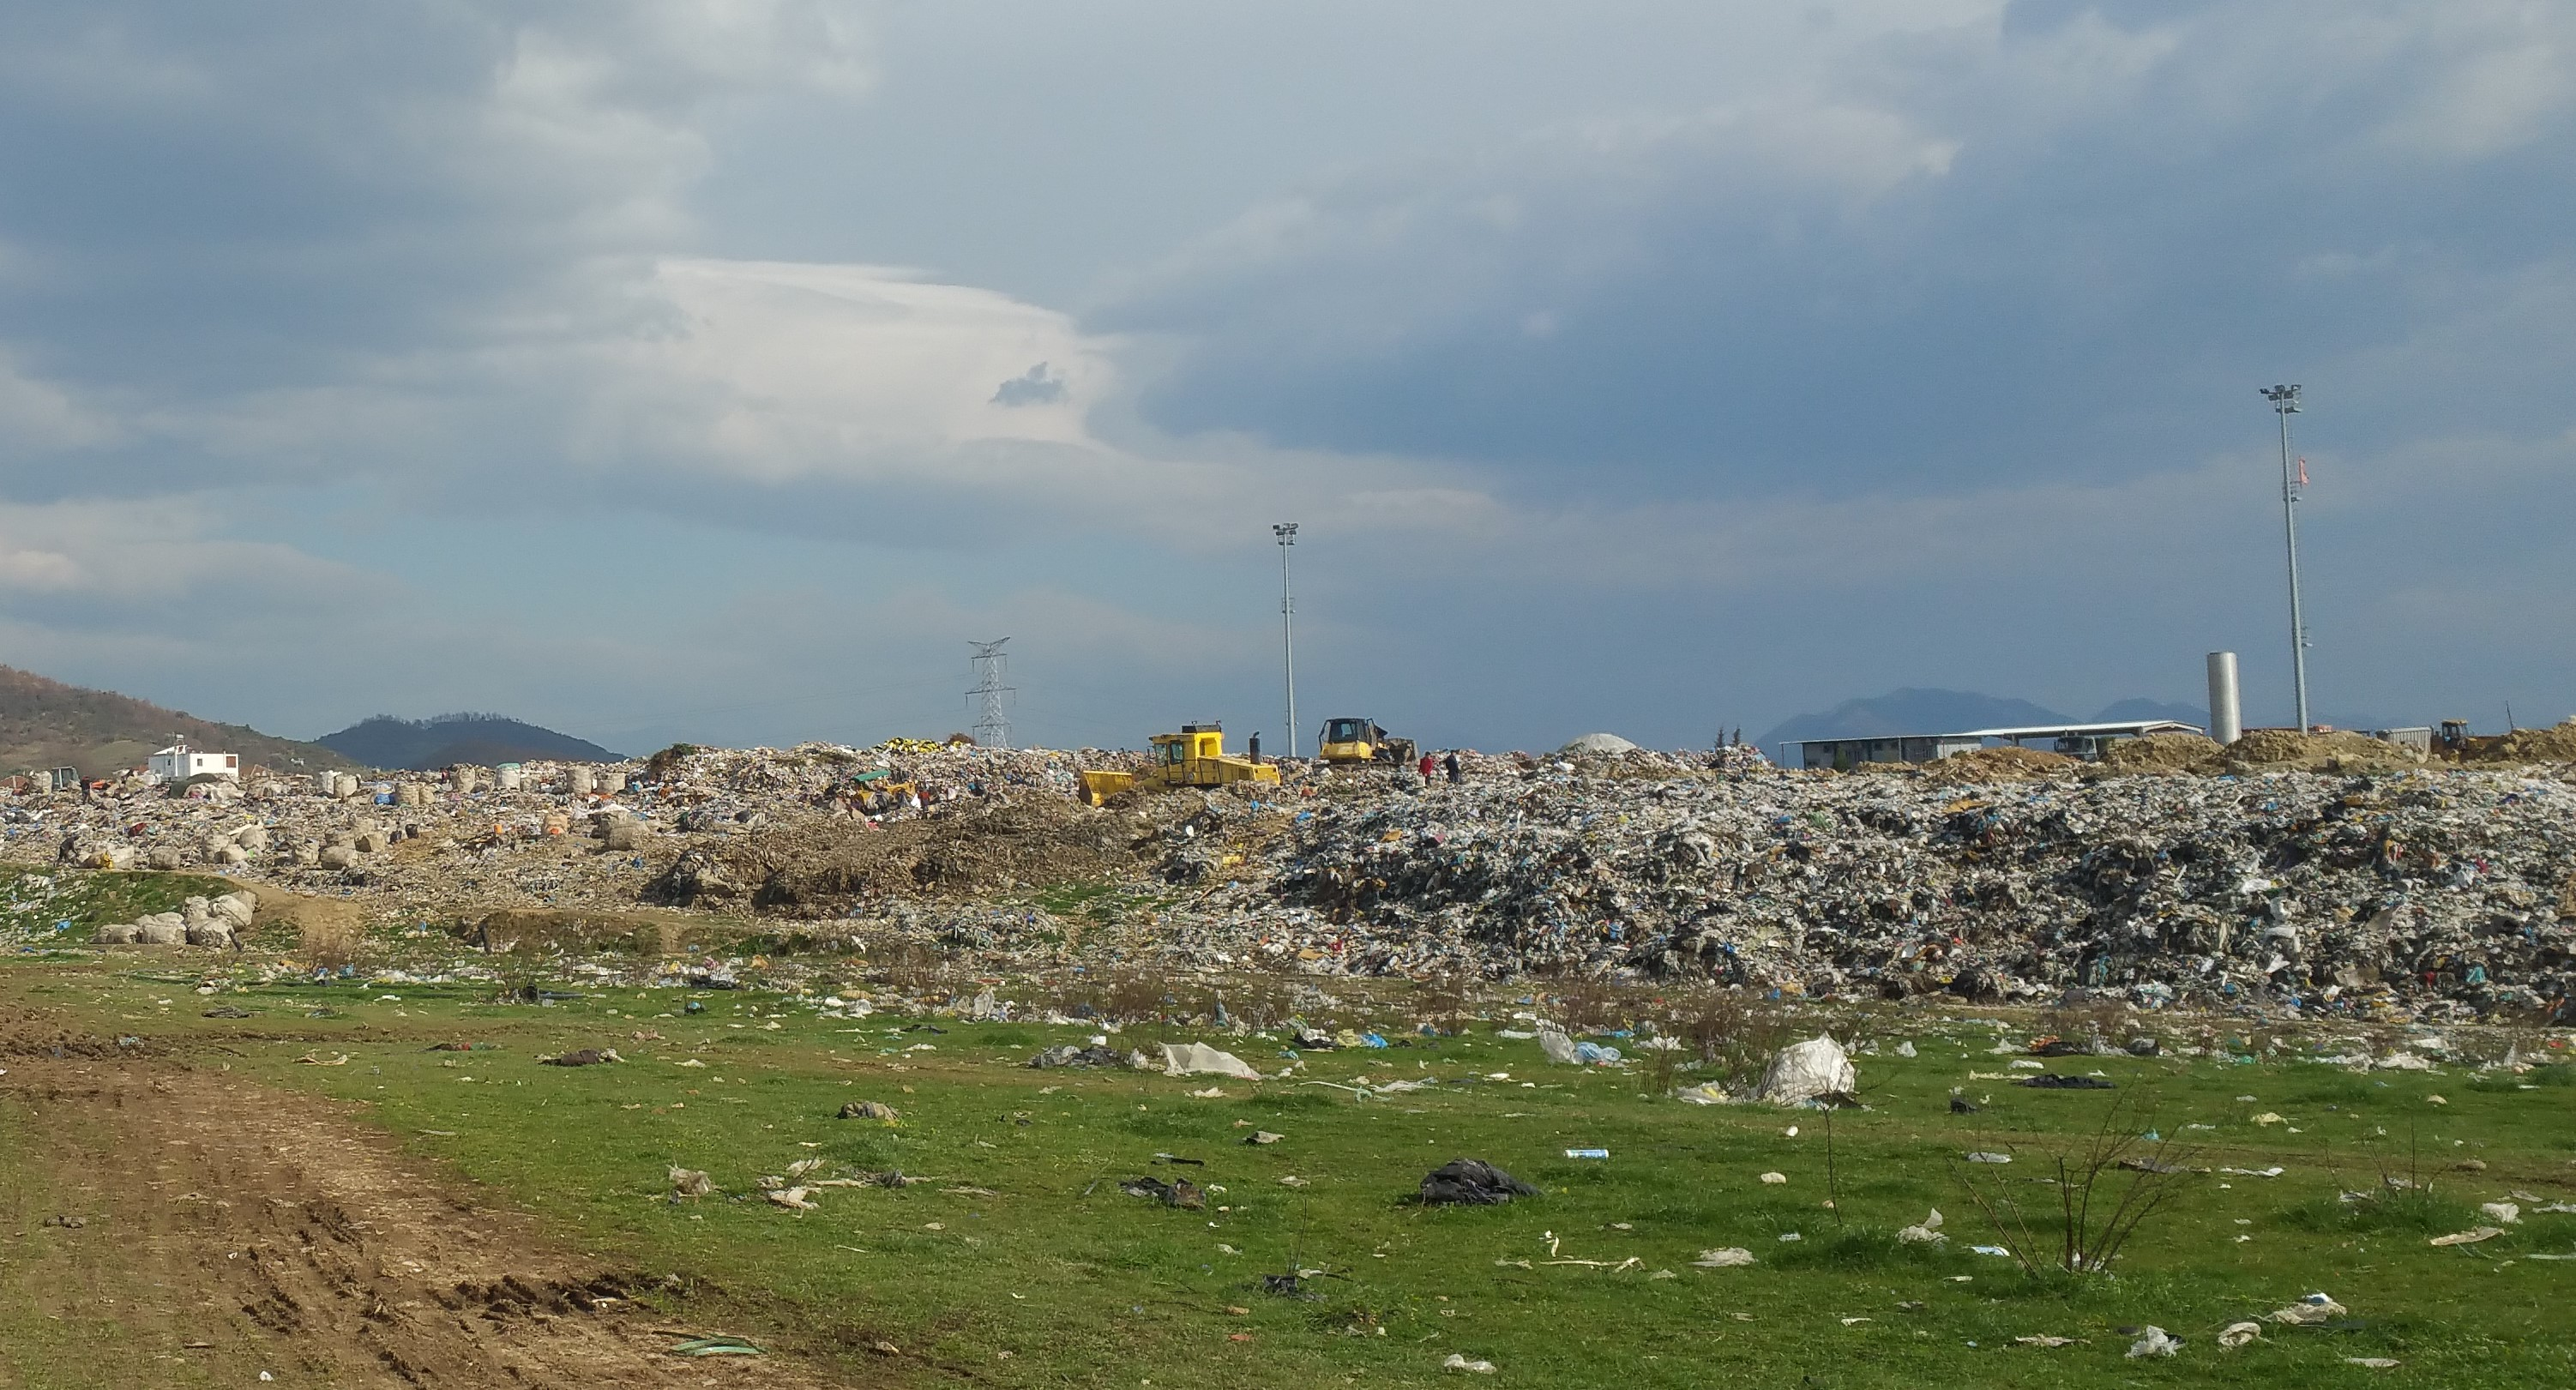 Inceneratorët/Shkatërrim për mjedisin, rrënim për biznesin e riciklimit